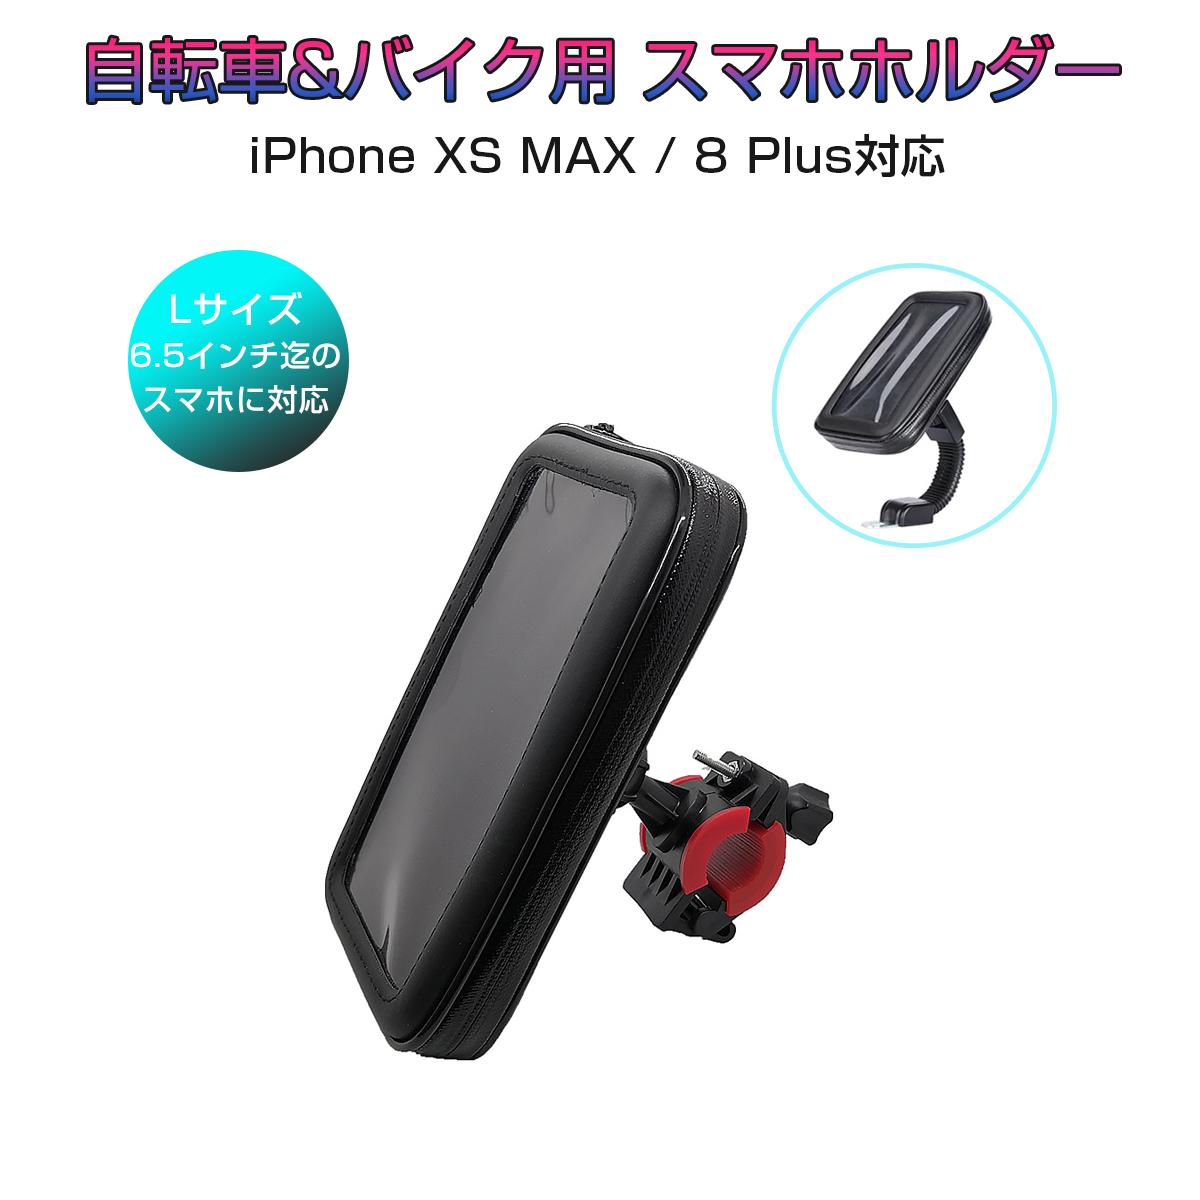 防水スマホホルダー 自転車 バイク 2Way 6.5インチ iPhone 8 Plus/XS MAX/XR対応 防水ケース 防塵 モバイルケース スマホ持ち運び 宅配便送料無料 1ヶ月保証 K&M